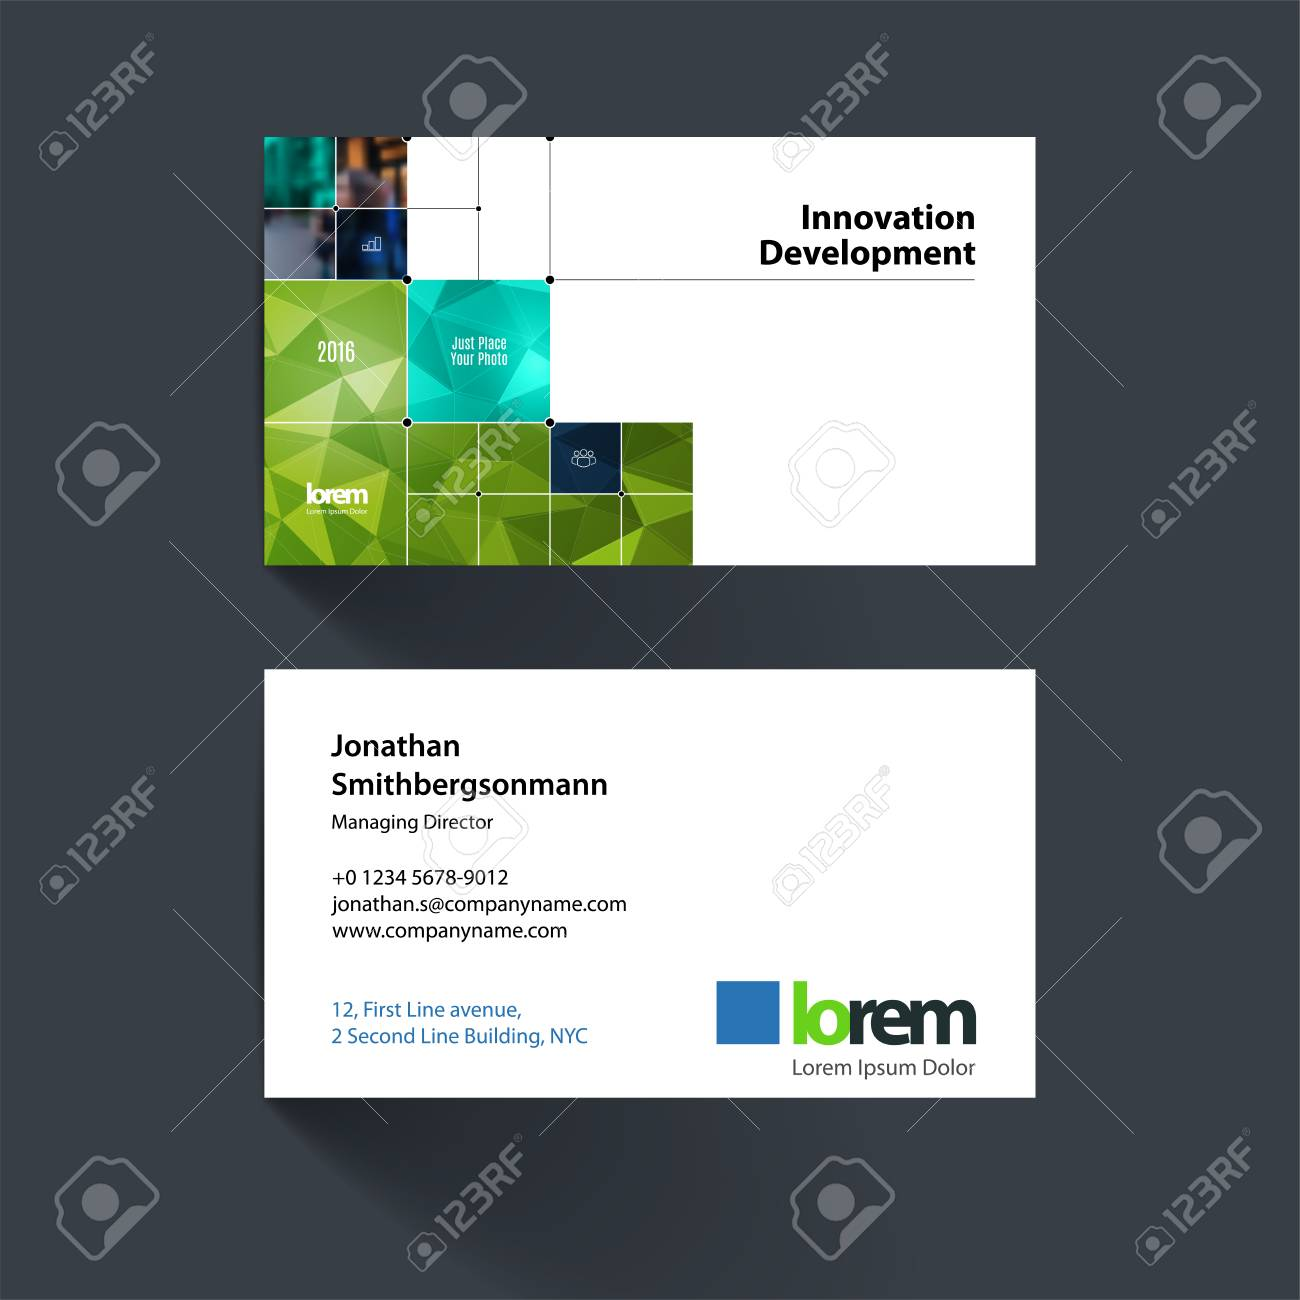 Modele De Carte Visite Vecteur Avec Des Formes Rectangulaires Vertes Carres Lignes Tours Pour Linformatique Les Affaires